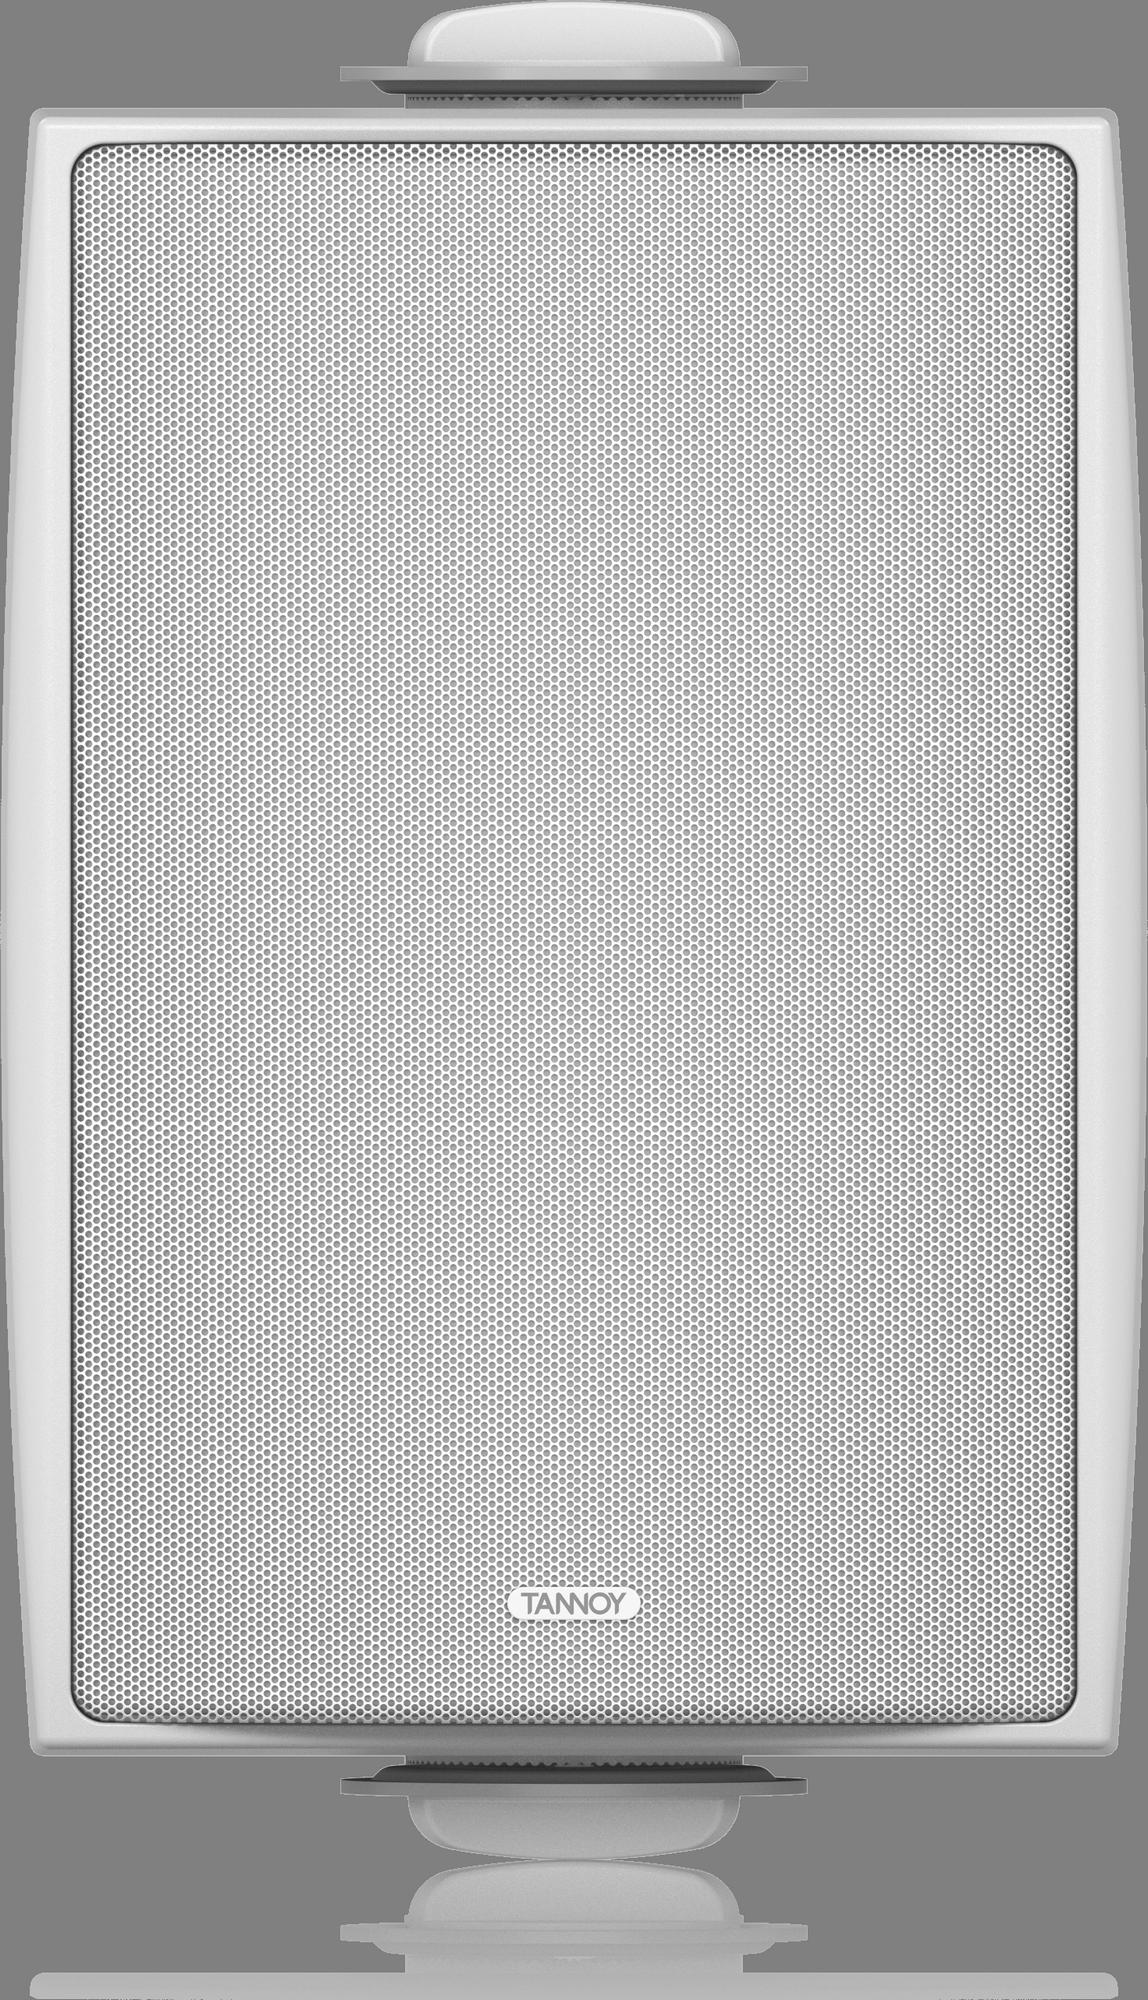 Tannoy  DVS 4T-WH - haut-parleur d'installation